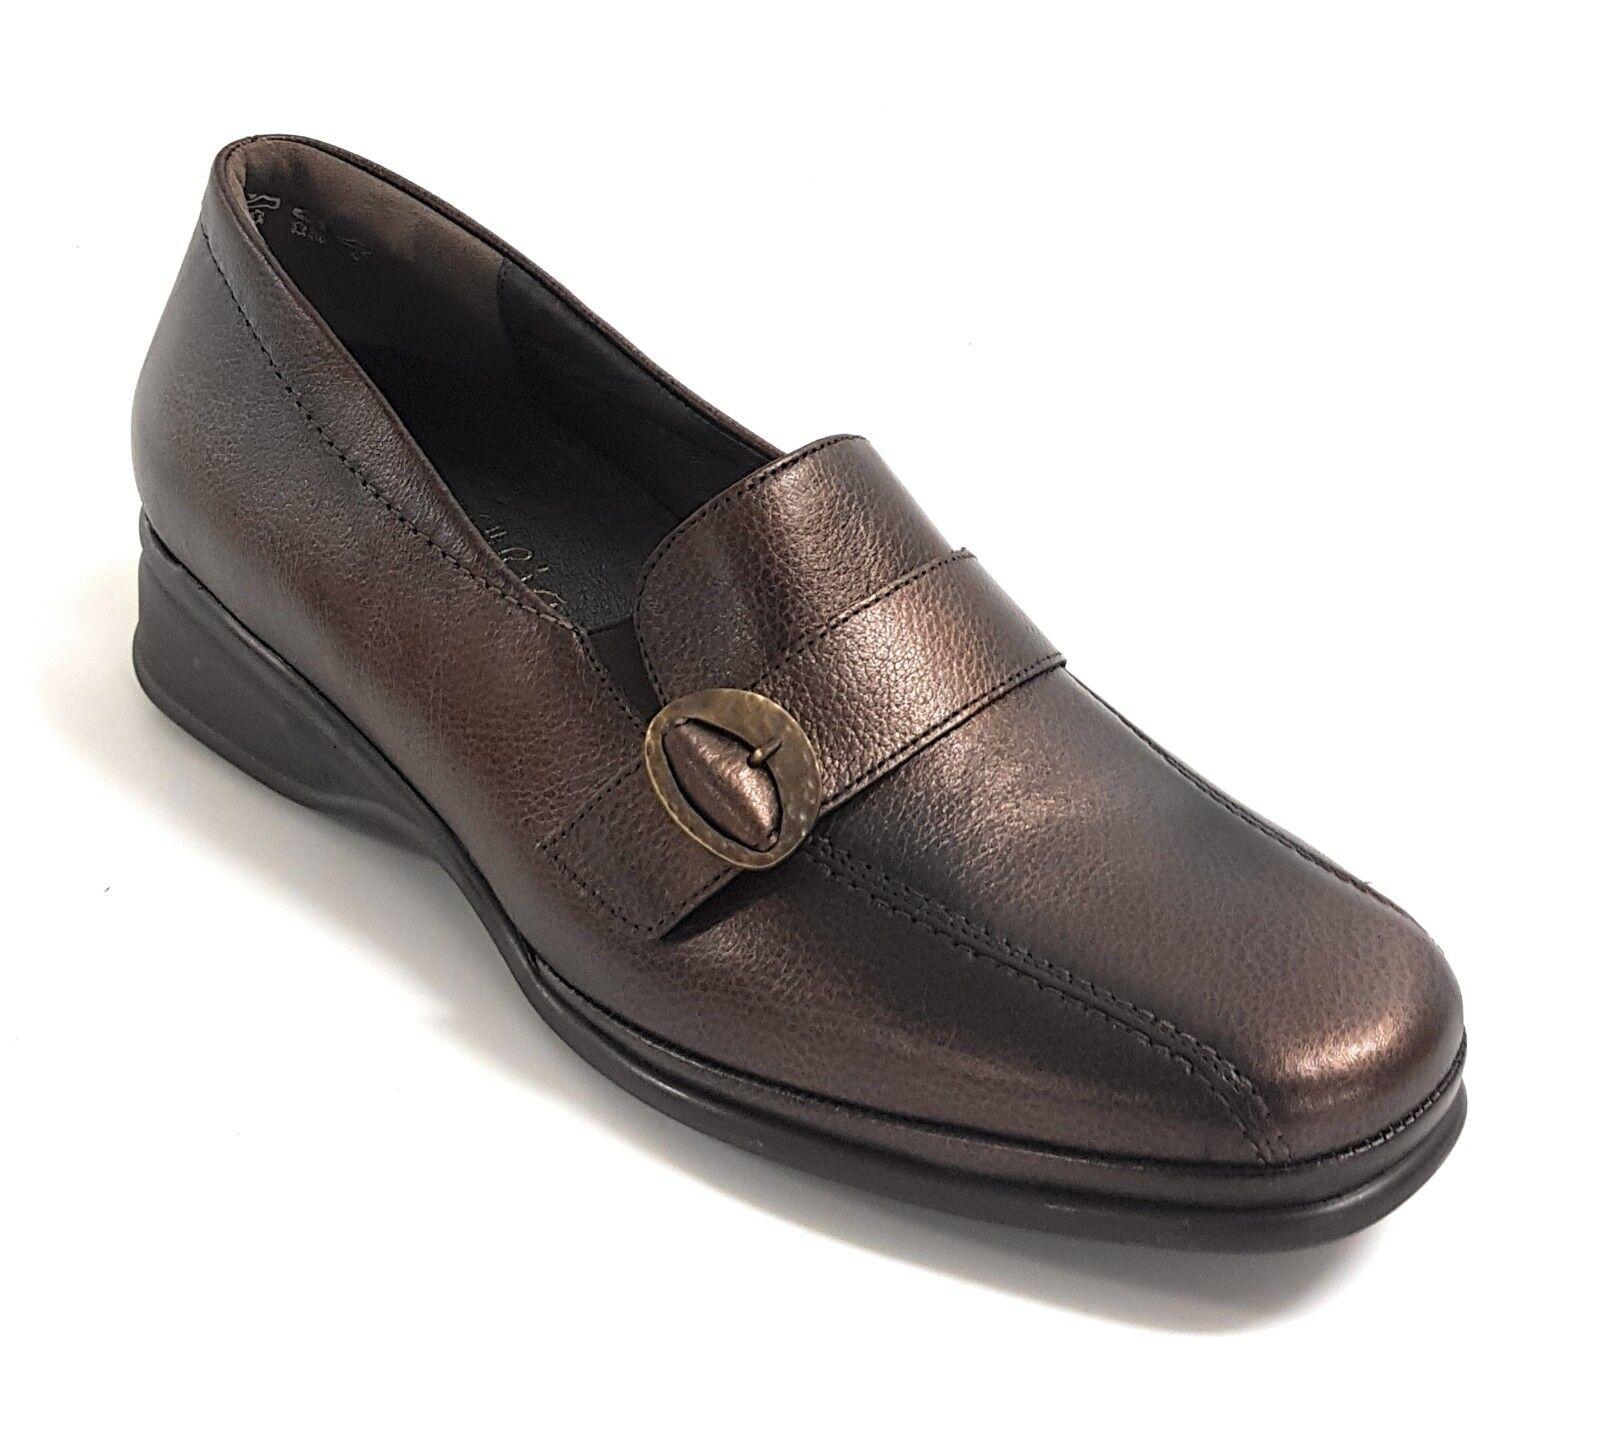 Semler Ria Damen Damens Schuhe Slipper Sneaker Halbschuh PU-Luftpolstersohle PU-Luftpolstersohle PU-Luftpolstersohle d8f709